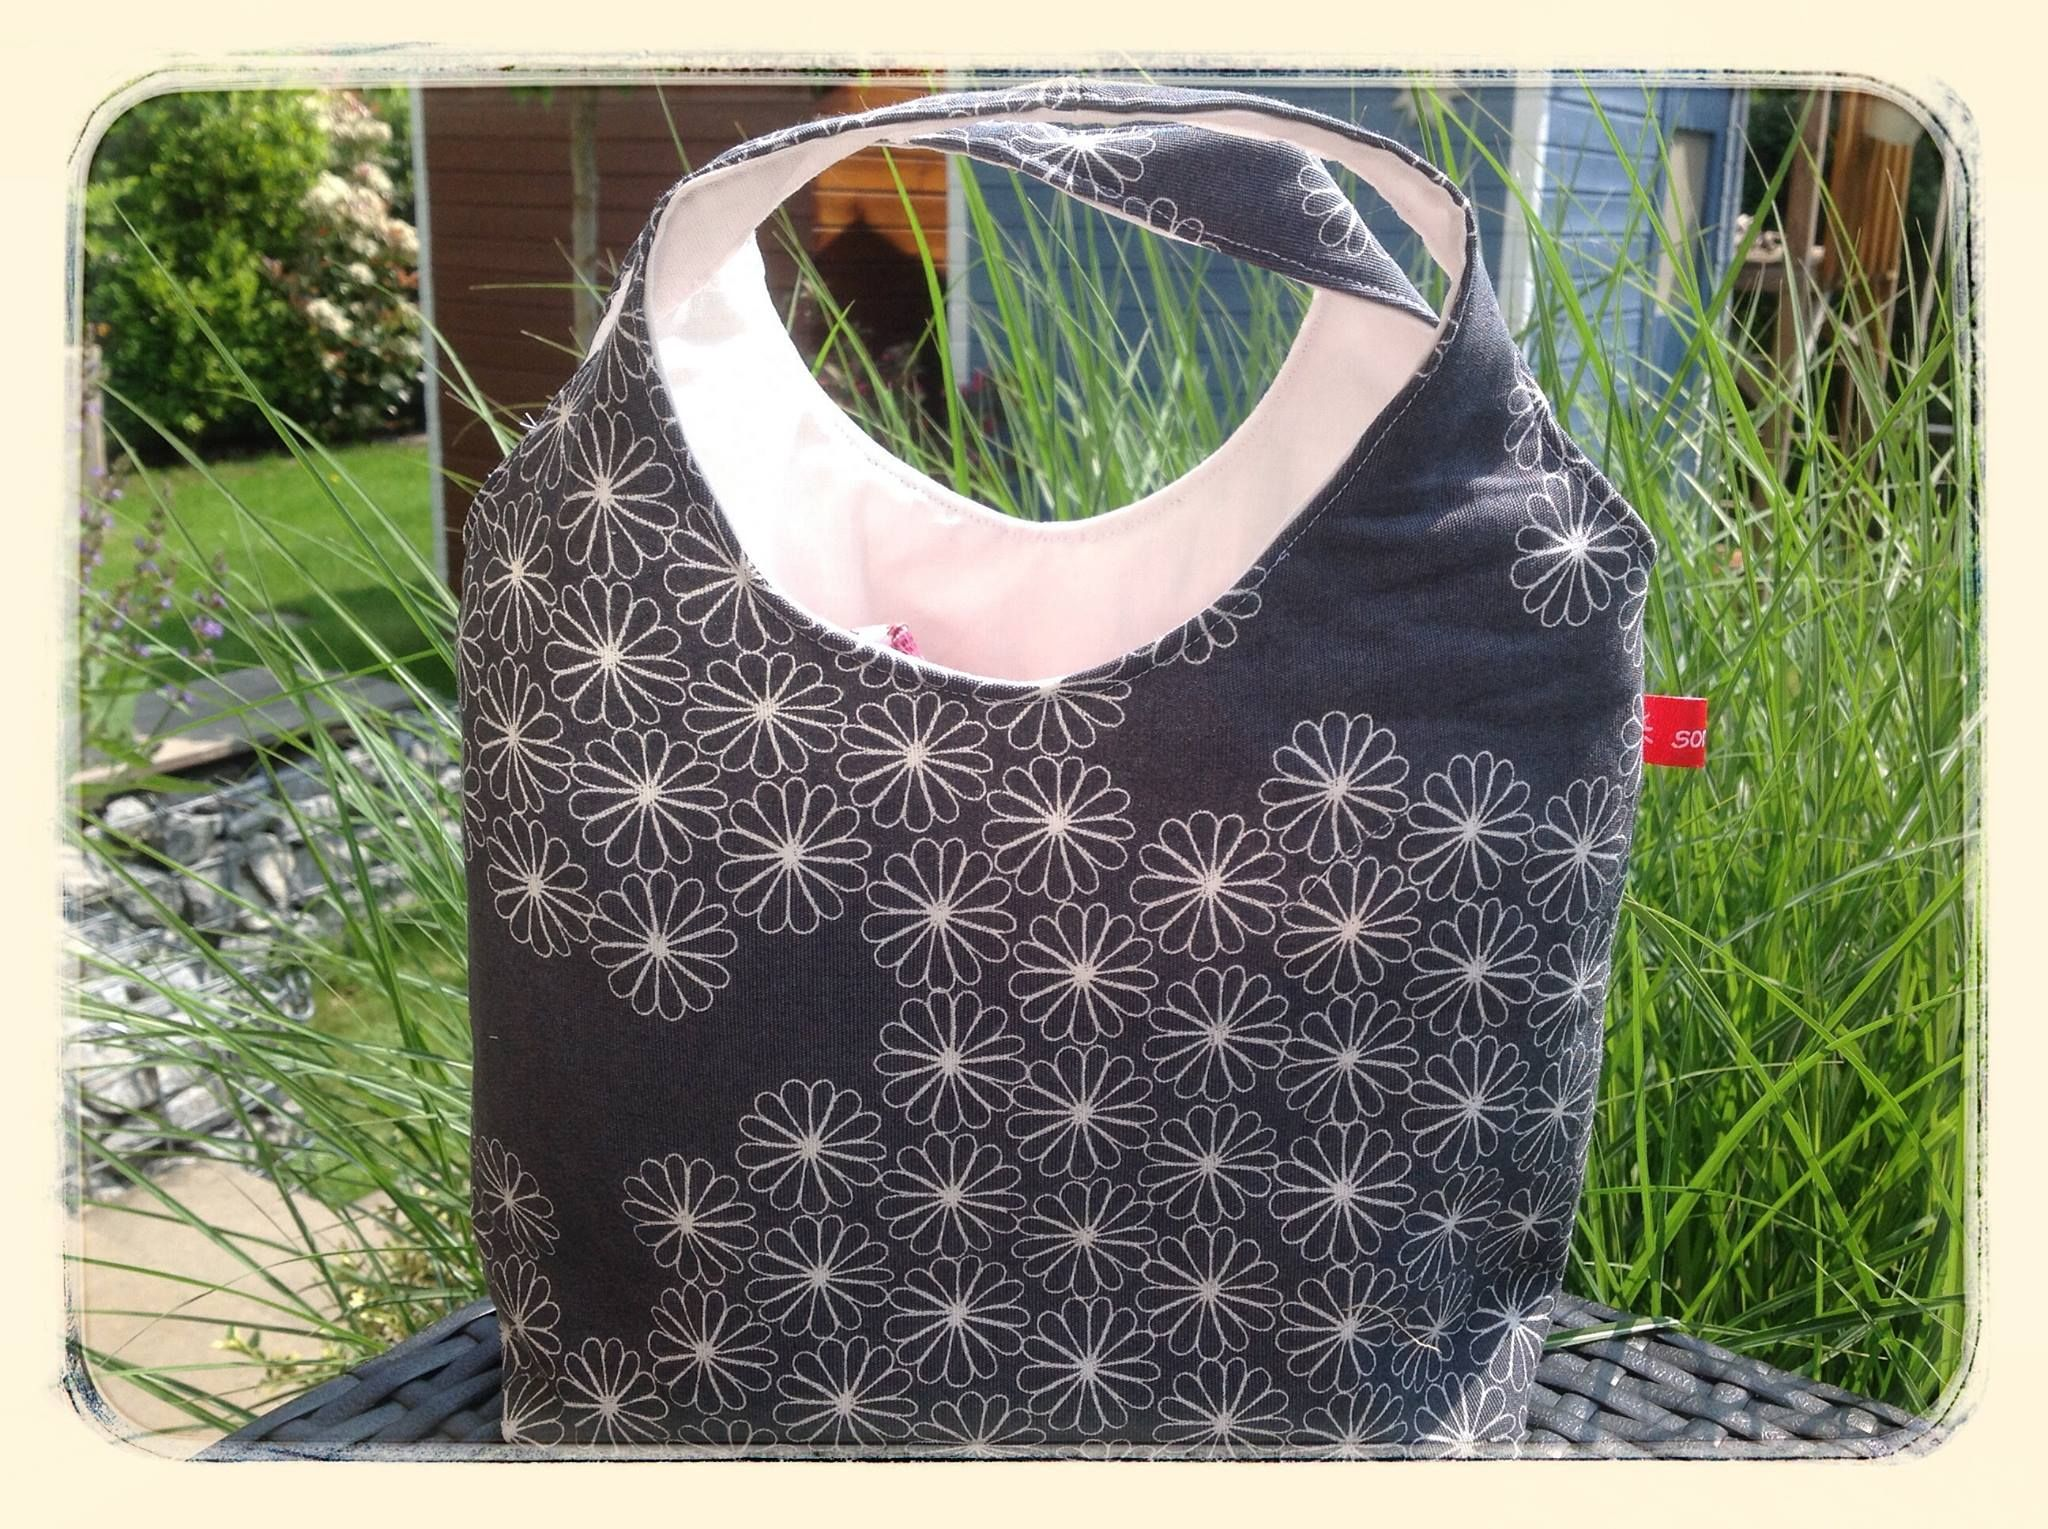 Tasche Yvi in Grösse XS   Taschen   Pinterest